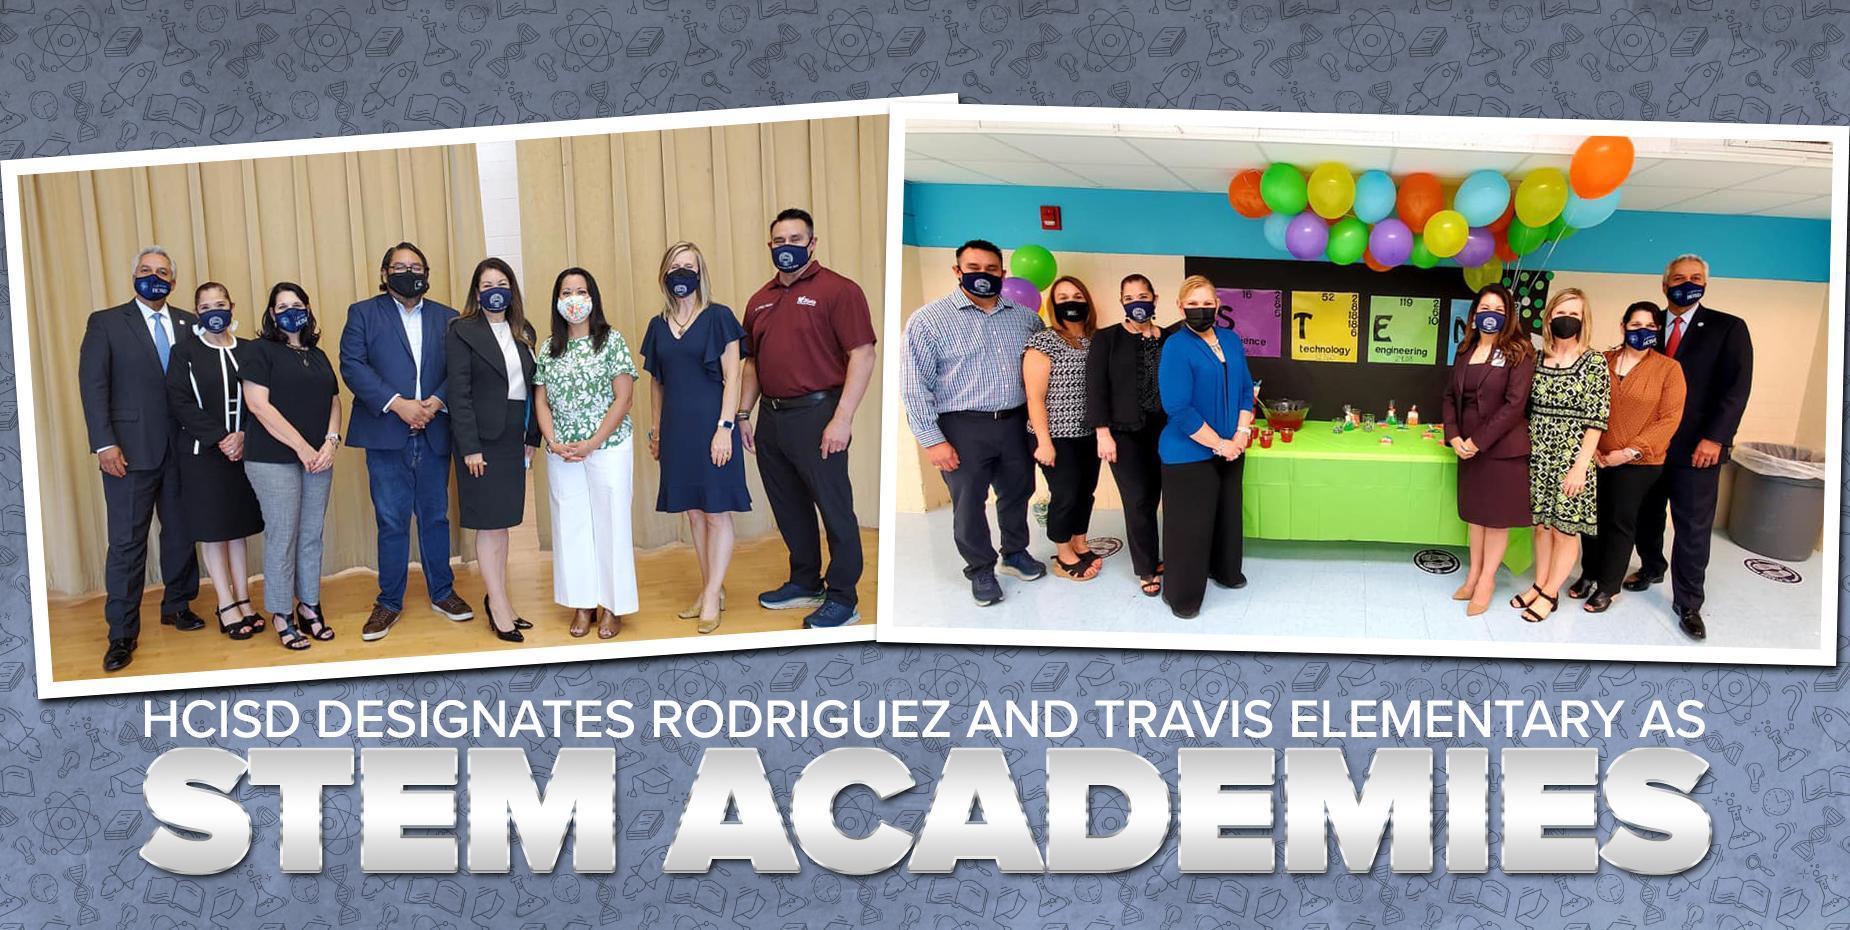 HCISD designates Rodriguez and Travis Elementary as STEM academies